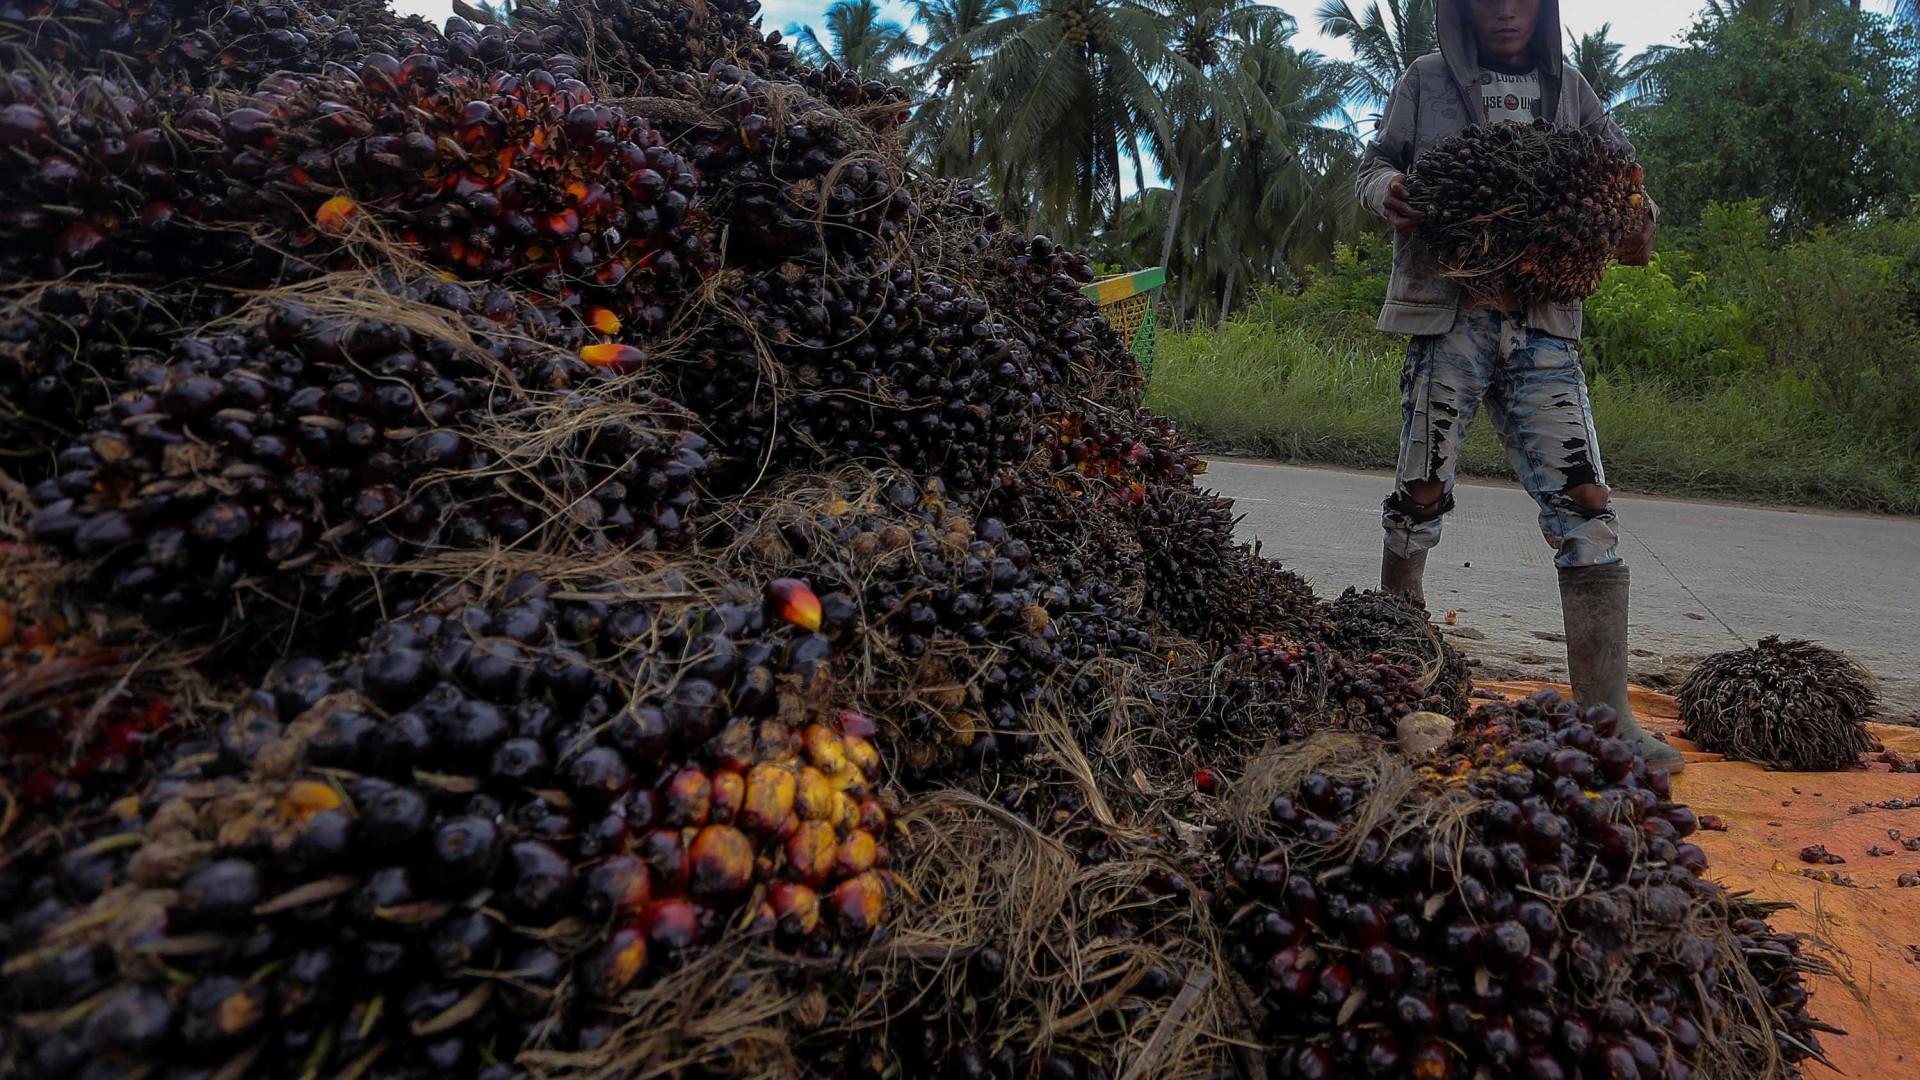 Multinacionais acusadas de ignorar excessos na produção de óleo de palma